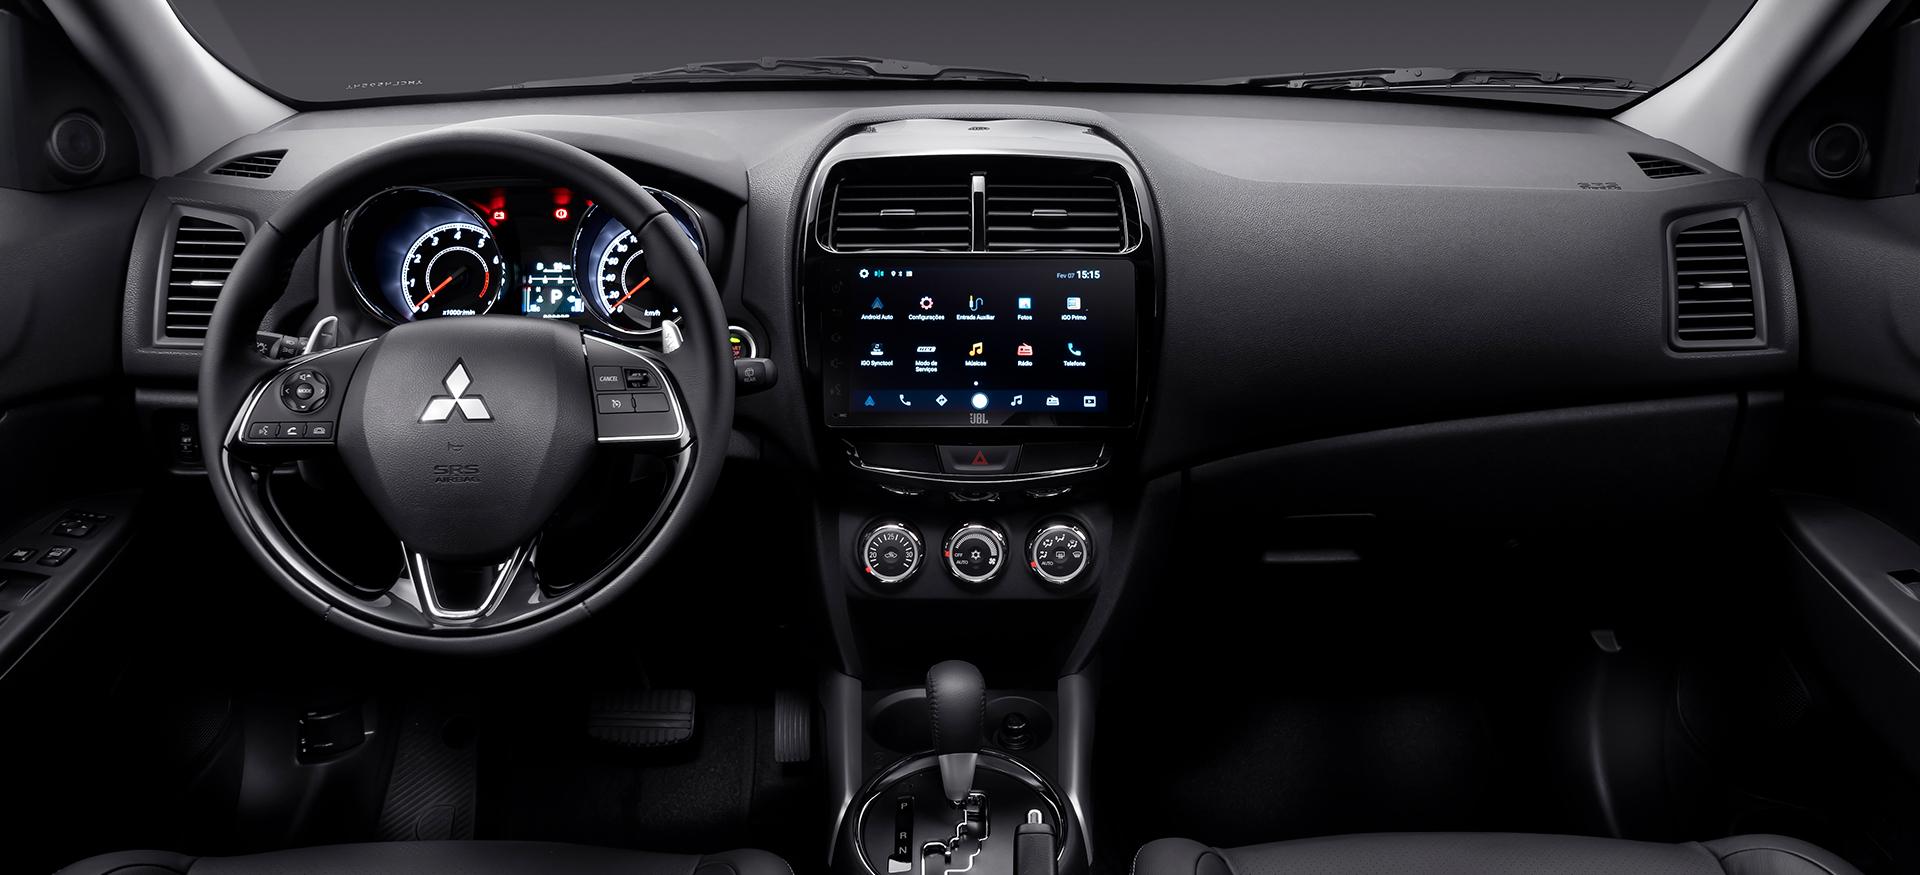 Novo Mitsubishi Outlander Sport para Comprar na Concessionária e Revenda Autorizada Marcovel Mitsubishi em Redenção, Pará, PA